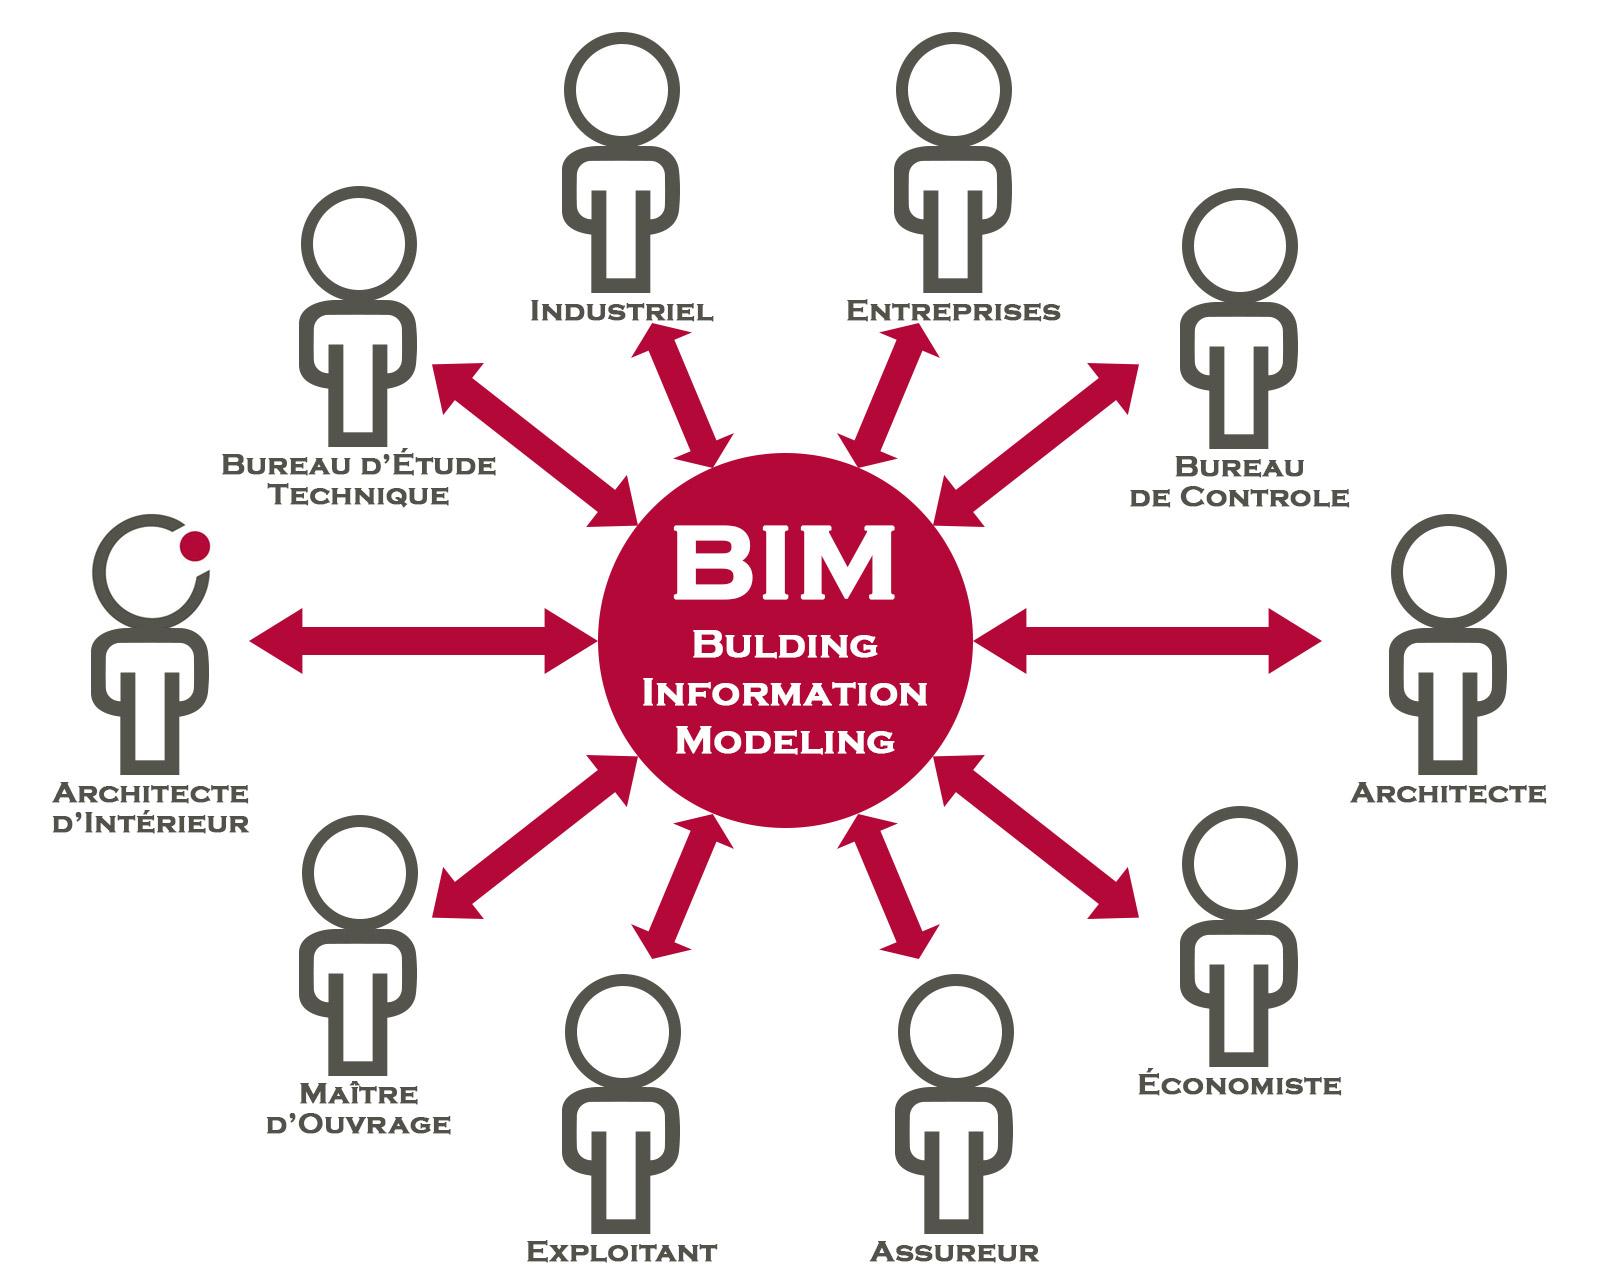 BIM Building Information Modeling Architecture Architecte d'intérieur Copernic